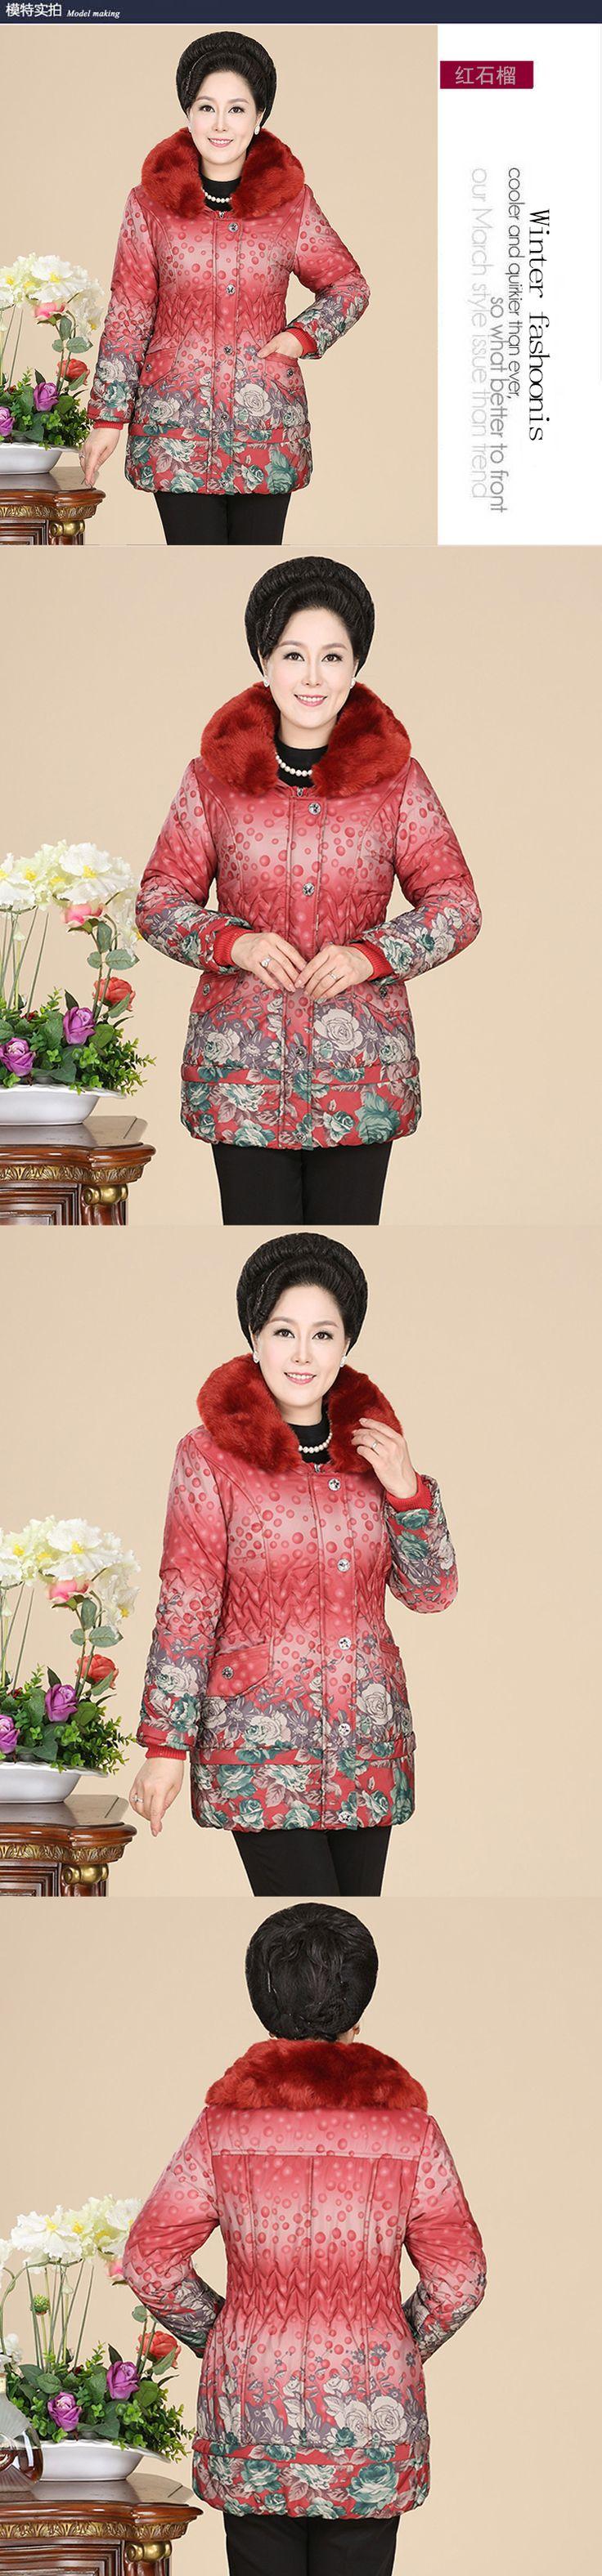 Одежда зимняя новых продуктов среднего и старых женщин в возрасте 40-50-летняя мать одежда плюс удобрения для увеличения код плюс толстый длинный хлопок ватник-Таобао одежда